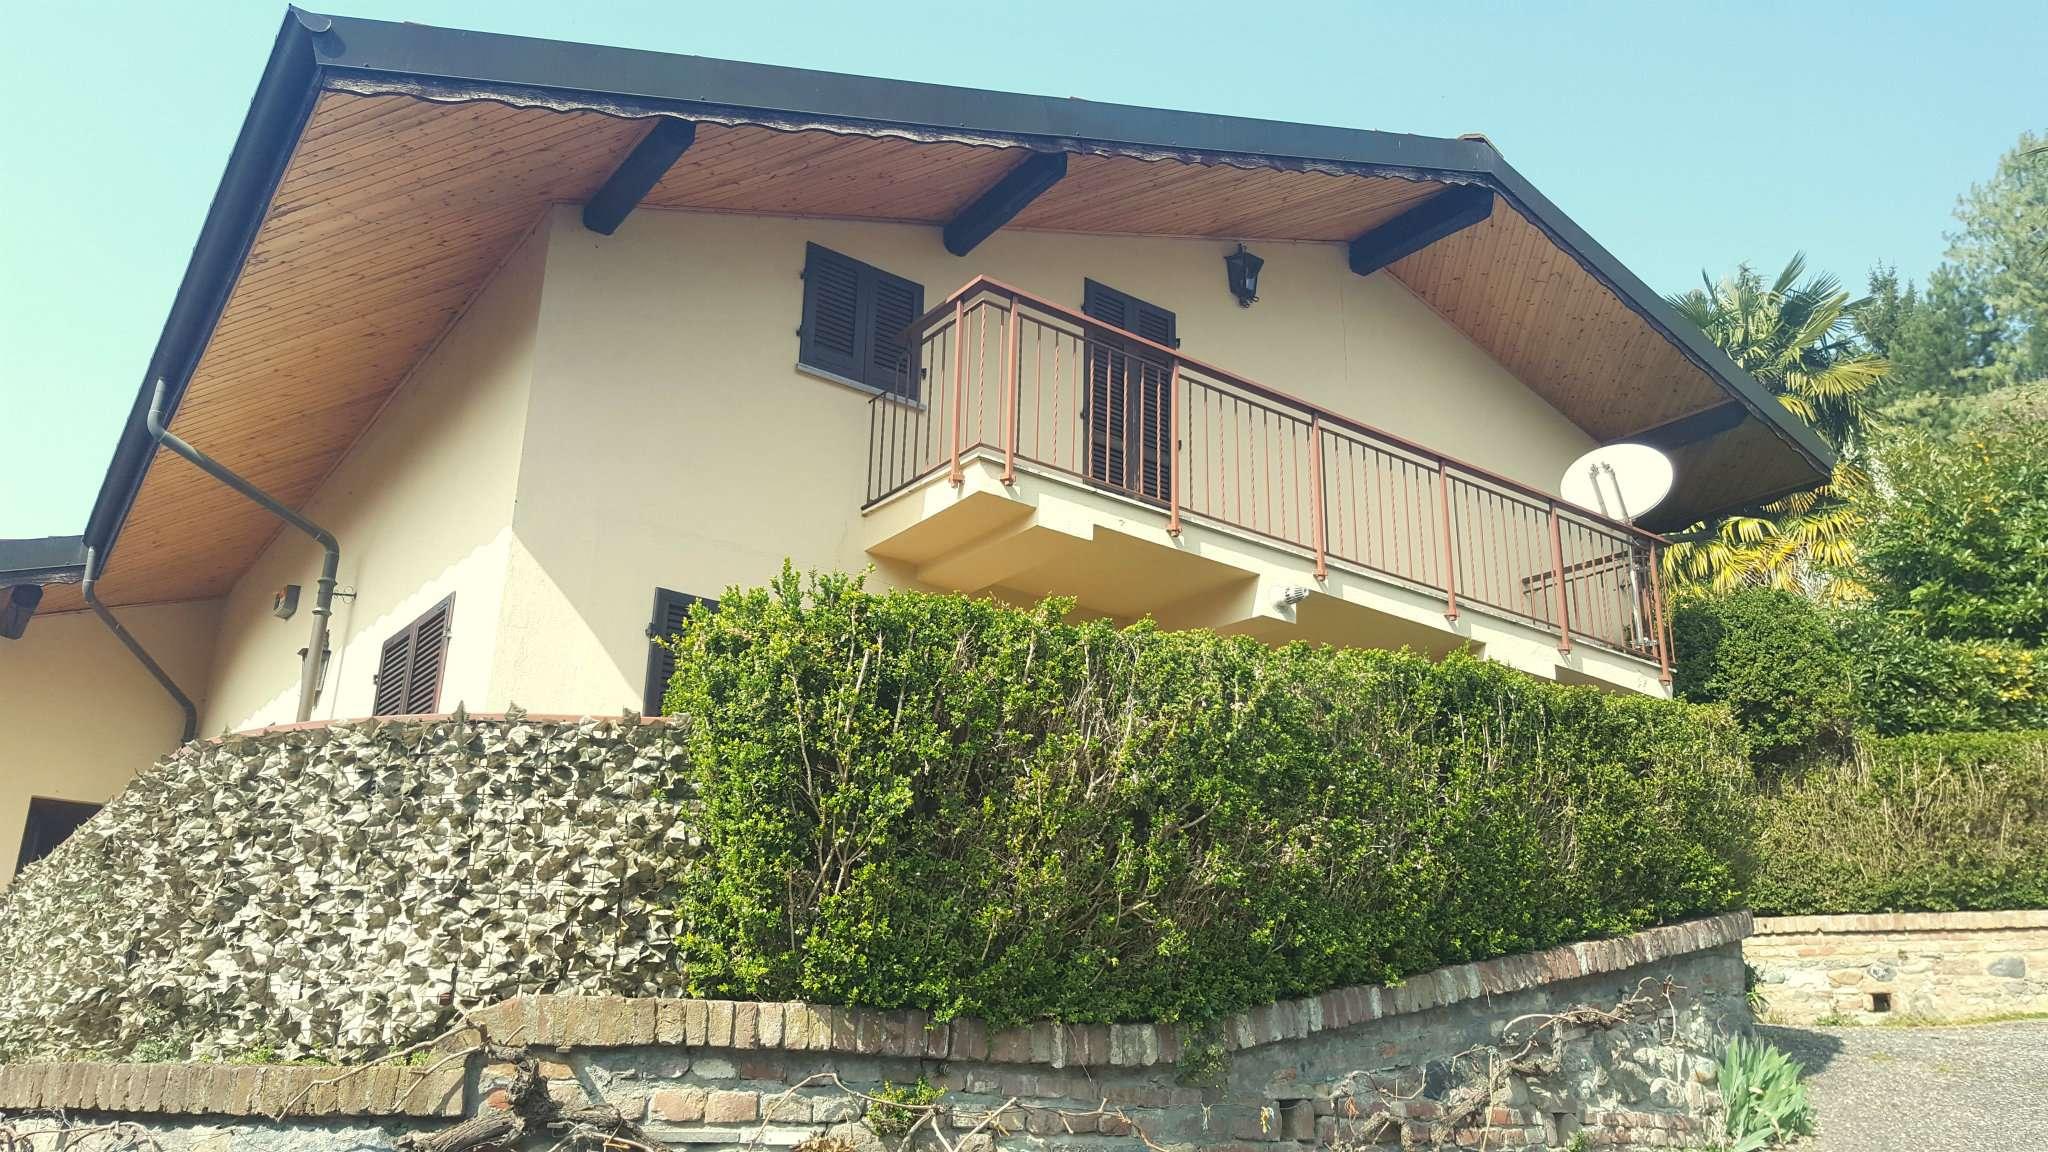 Villa in affitto a Torino, 6 locali, zona Zona: 5 . Collina, Precollina, Crimea, Borgo Po, Granmadre, Madonna del Pilone, prezzo € 1.300 | Cambio Casa.it